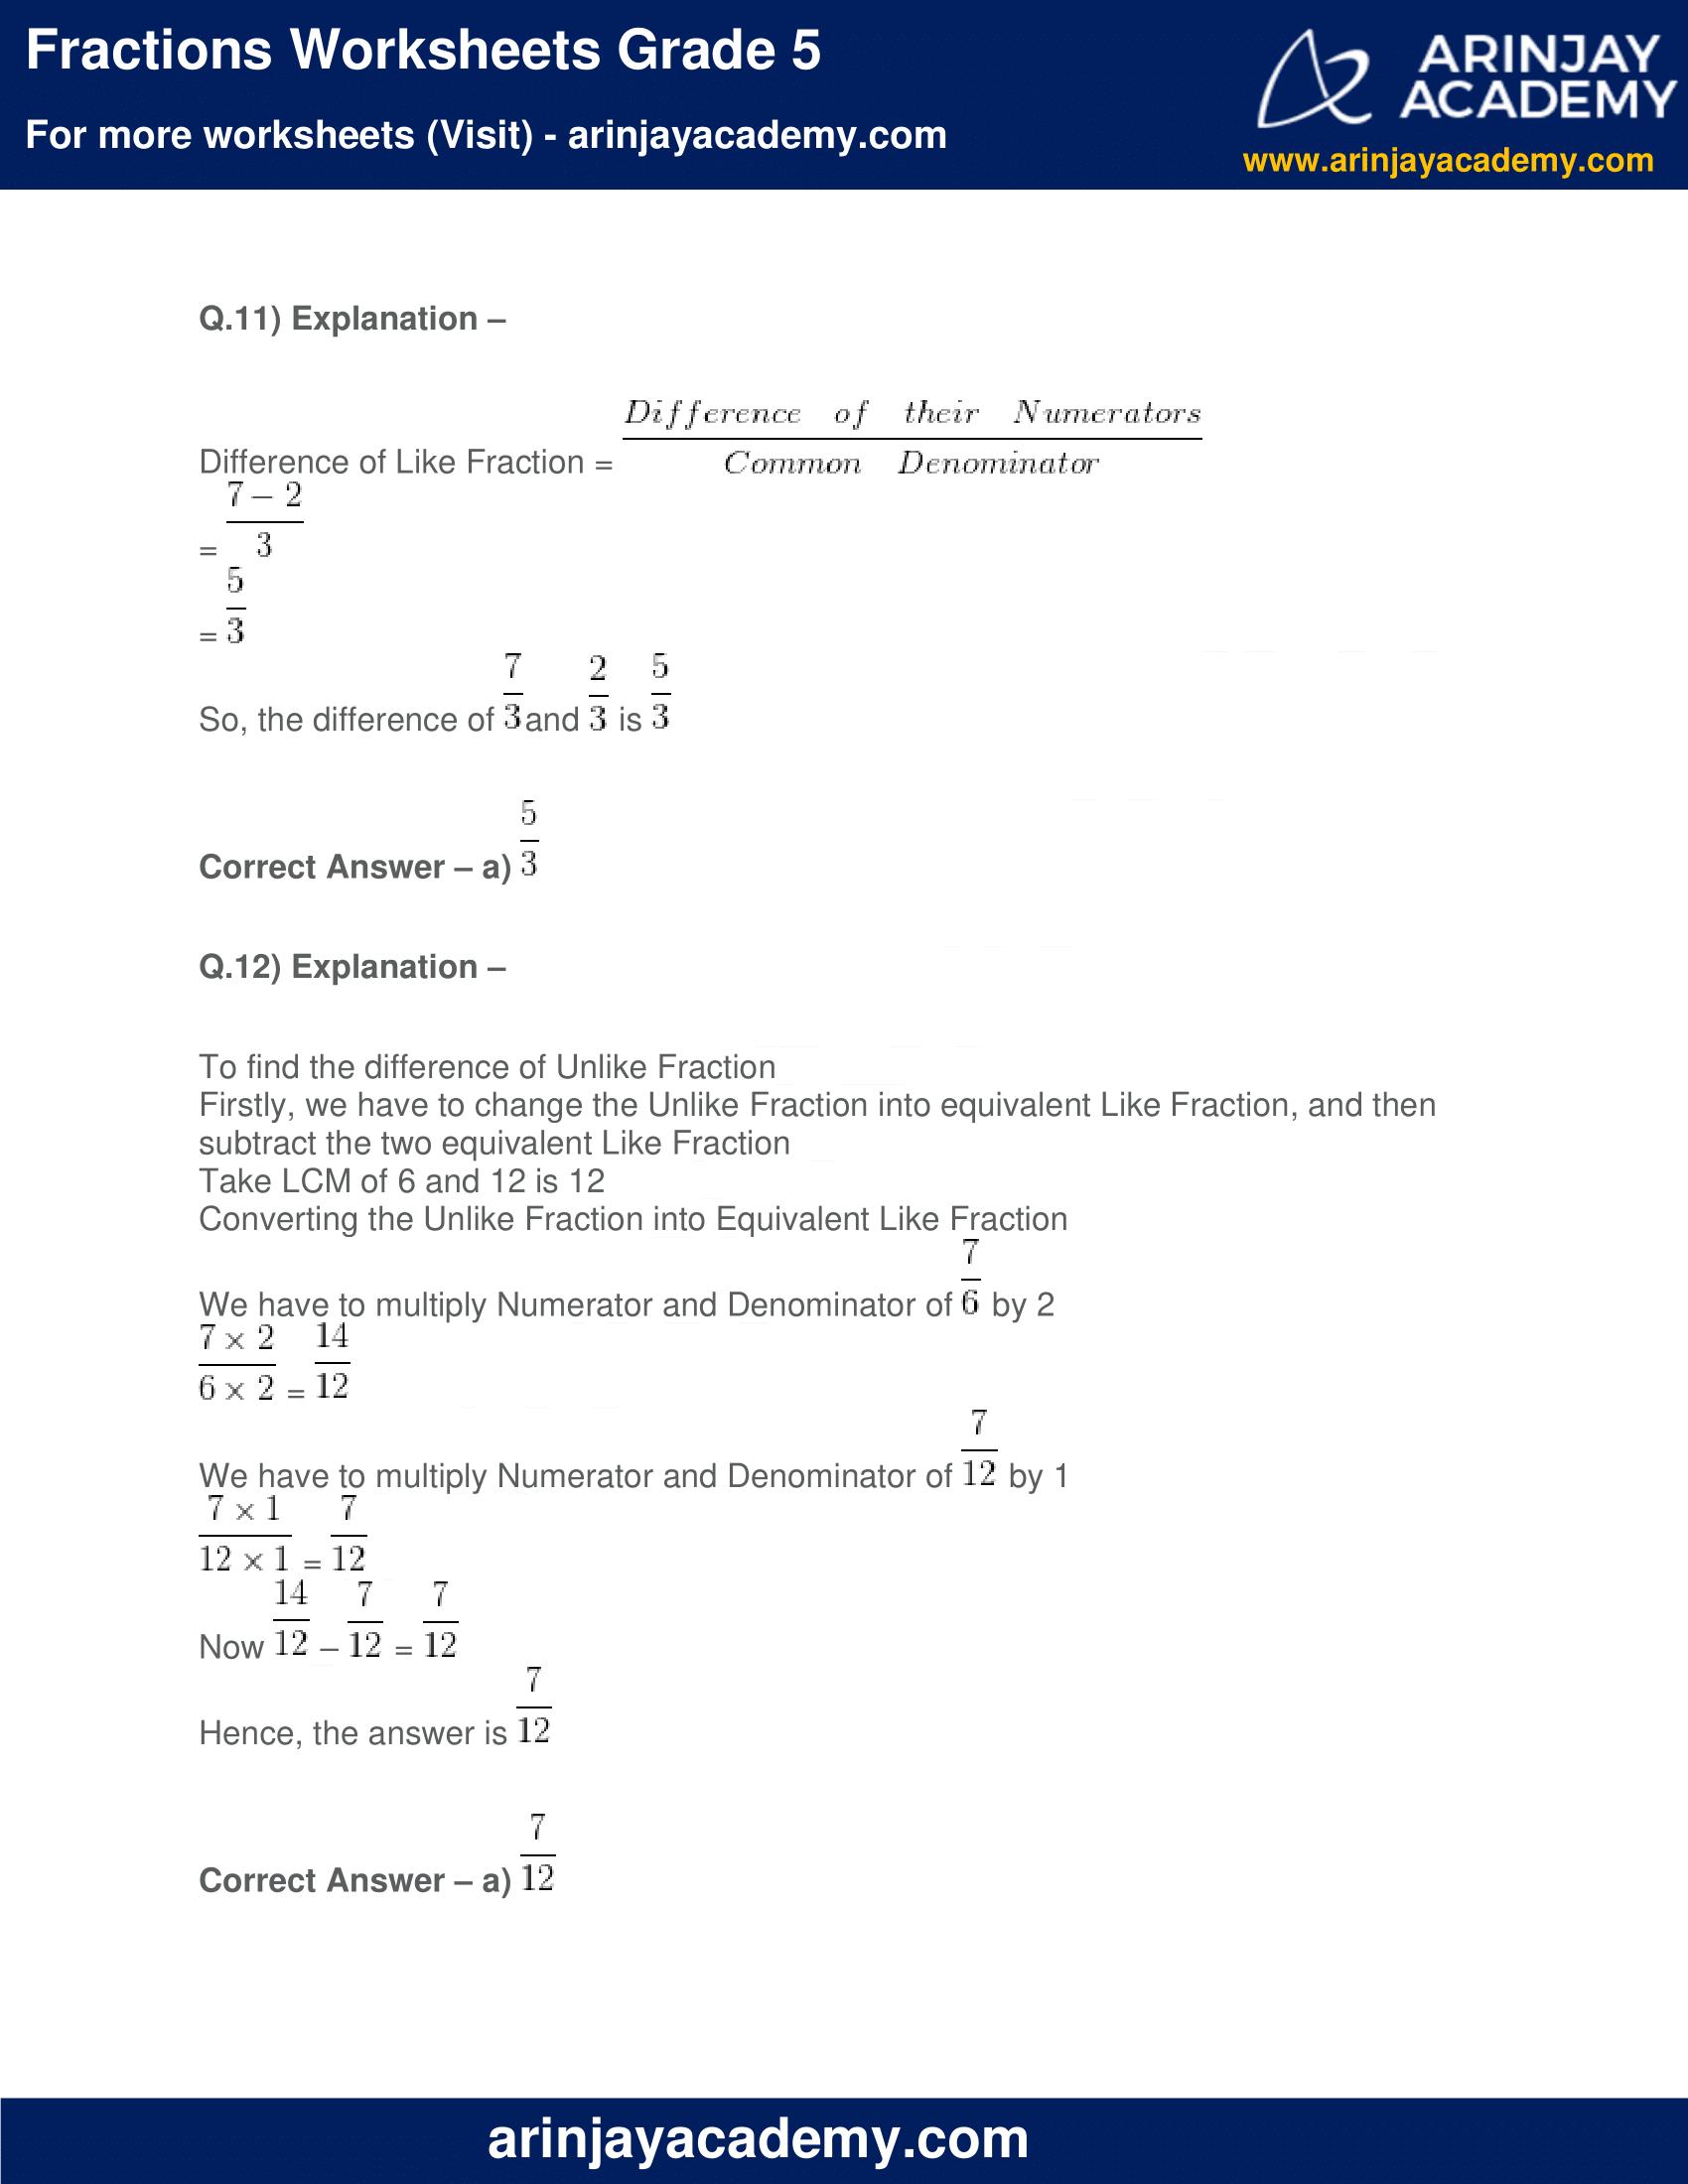 Fractions Worksheets Grade 5 image 9